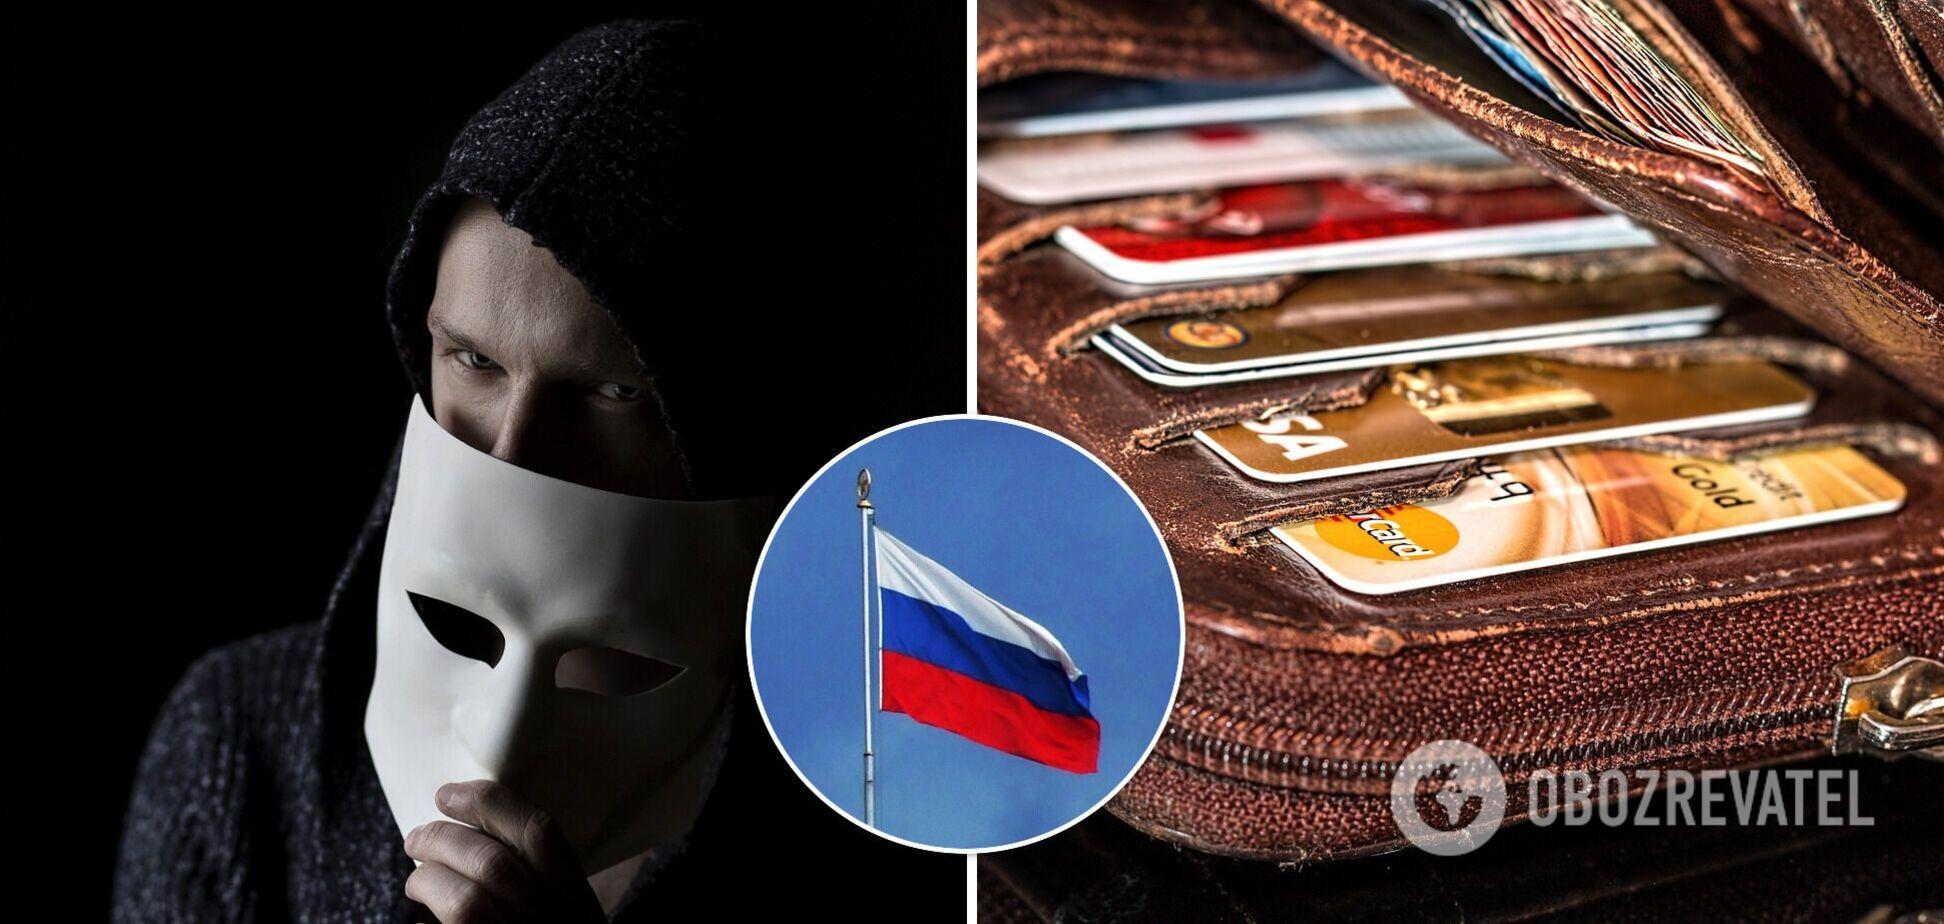 Российские хакеры украли данные 1 миллиона кредитных карт